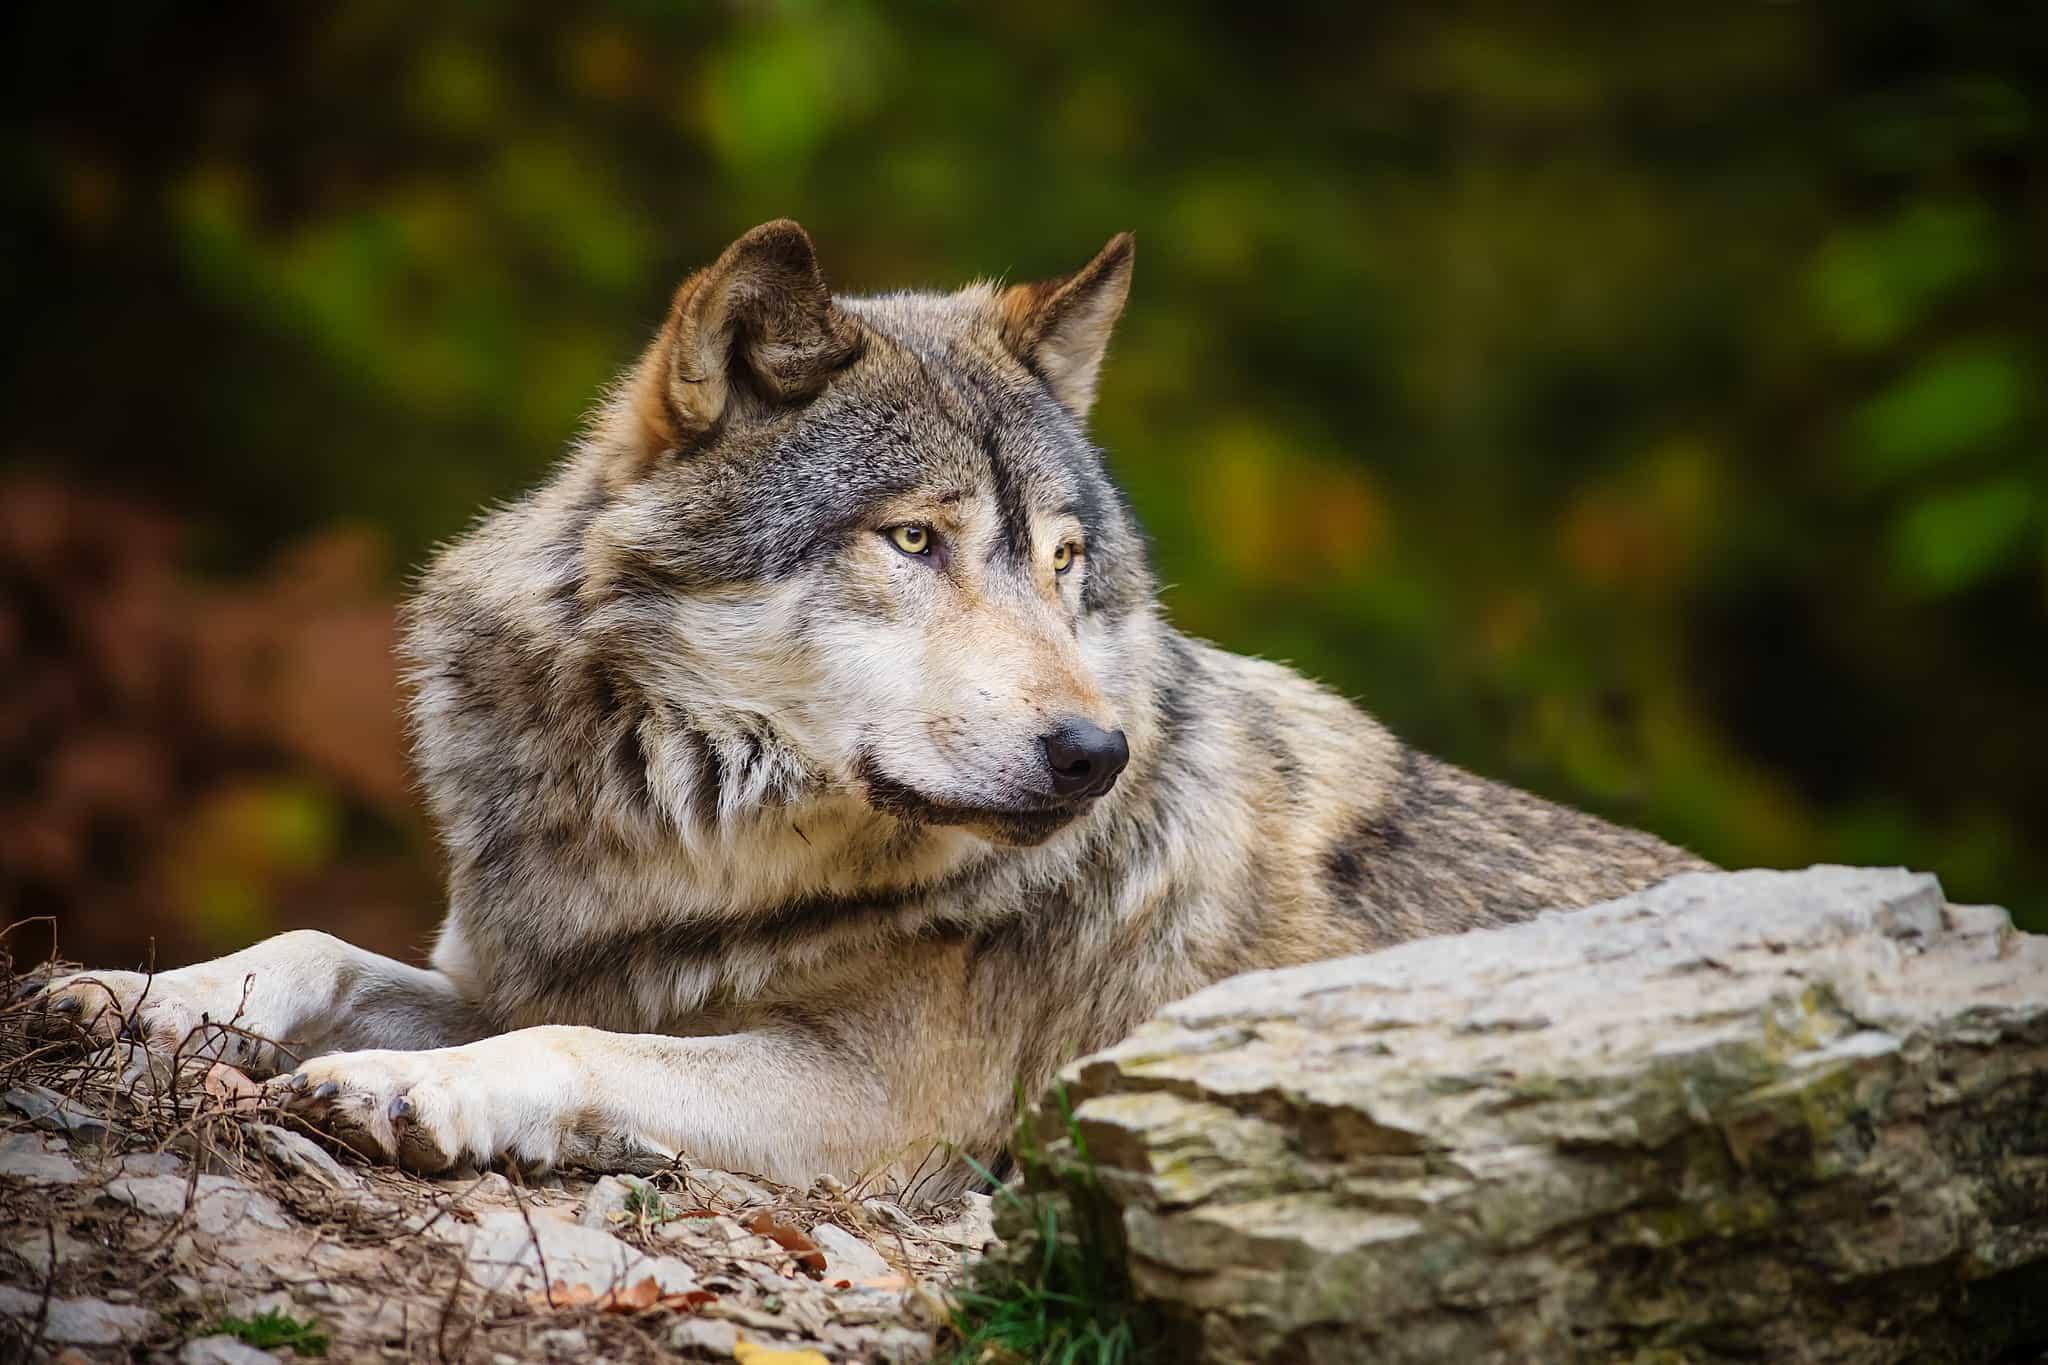 фотографии волков в высоком качестве для своего